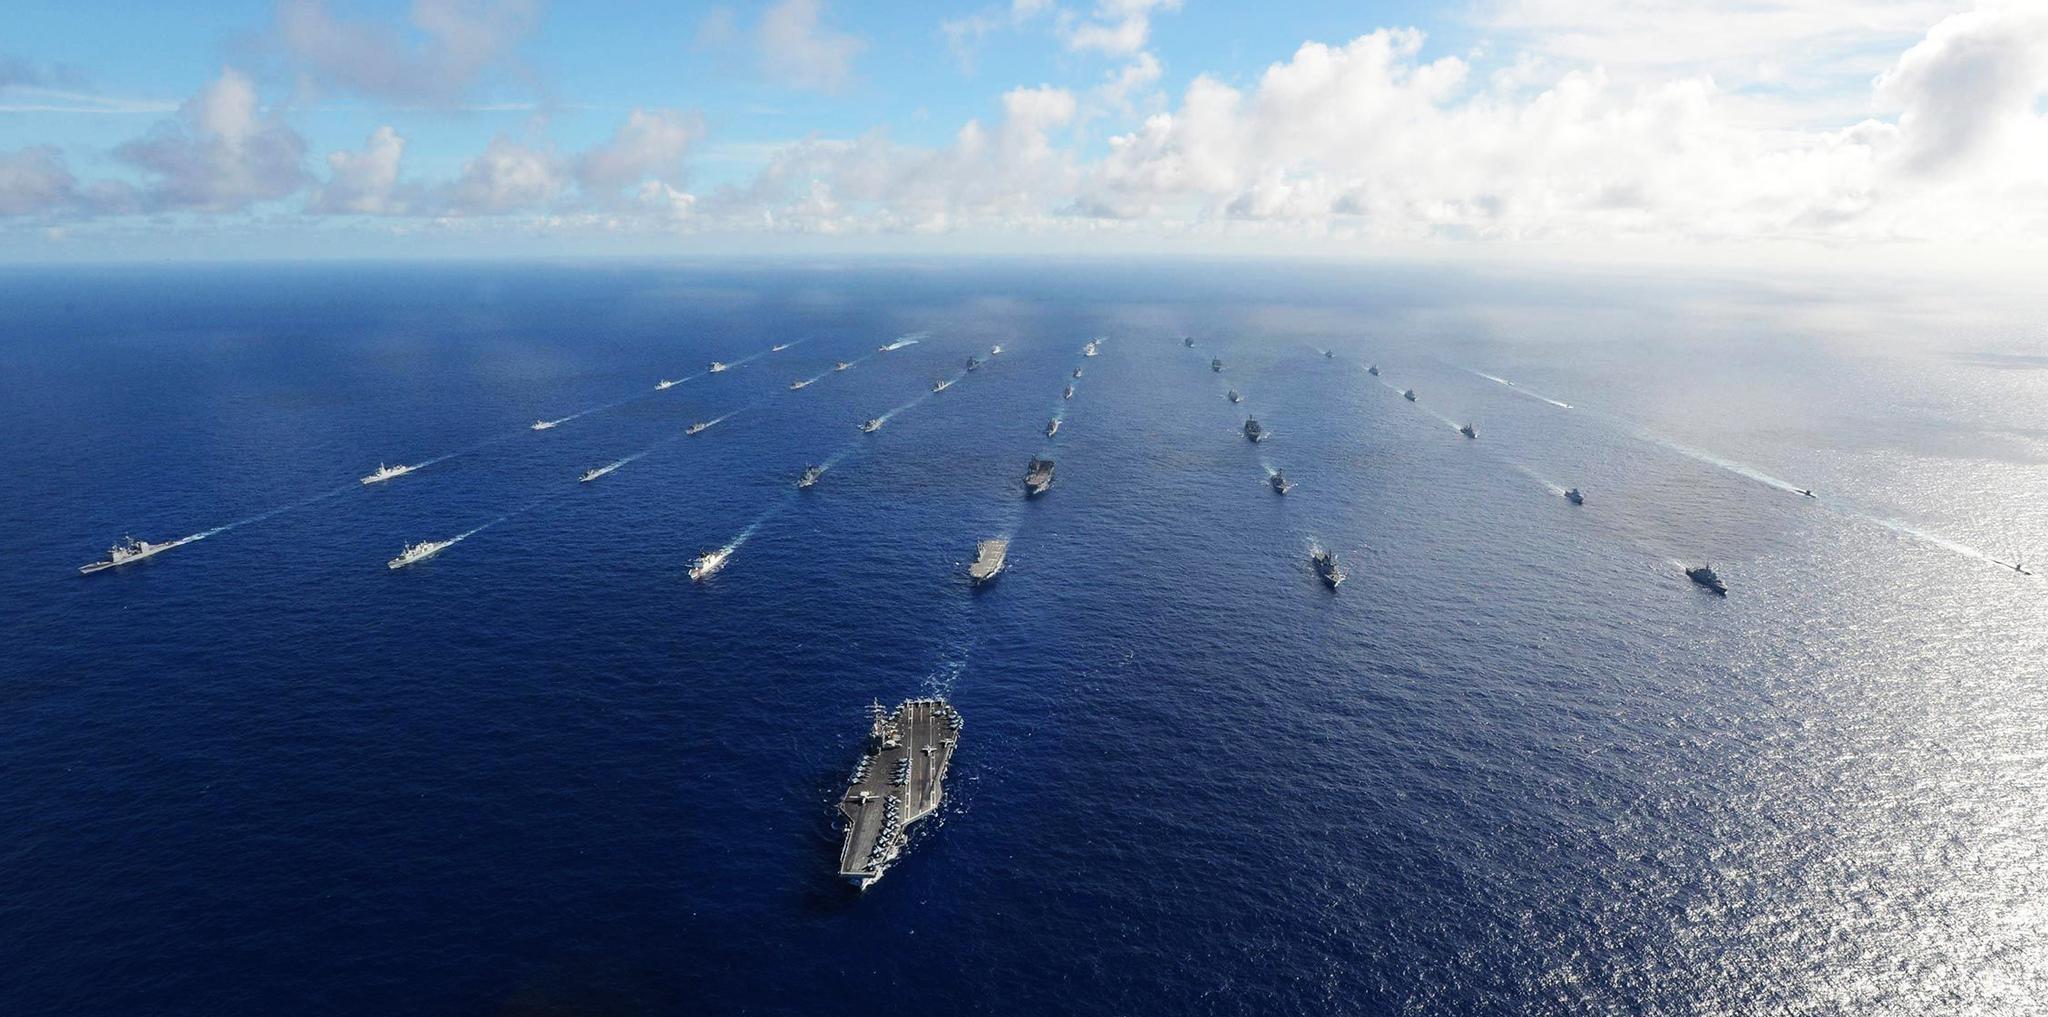 56国联合舰队驶向波斯湾,伊朗导弹蓄势待发,美军等待对手犯错